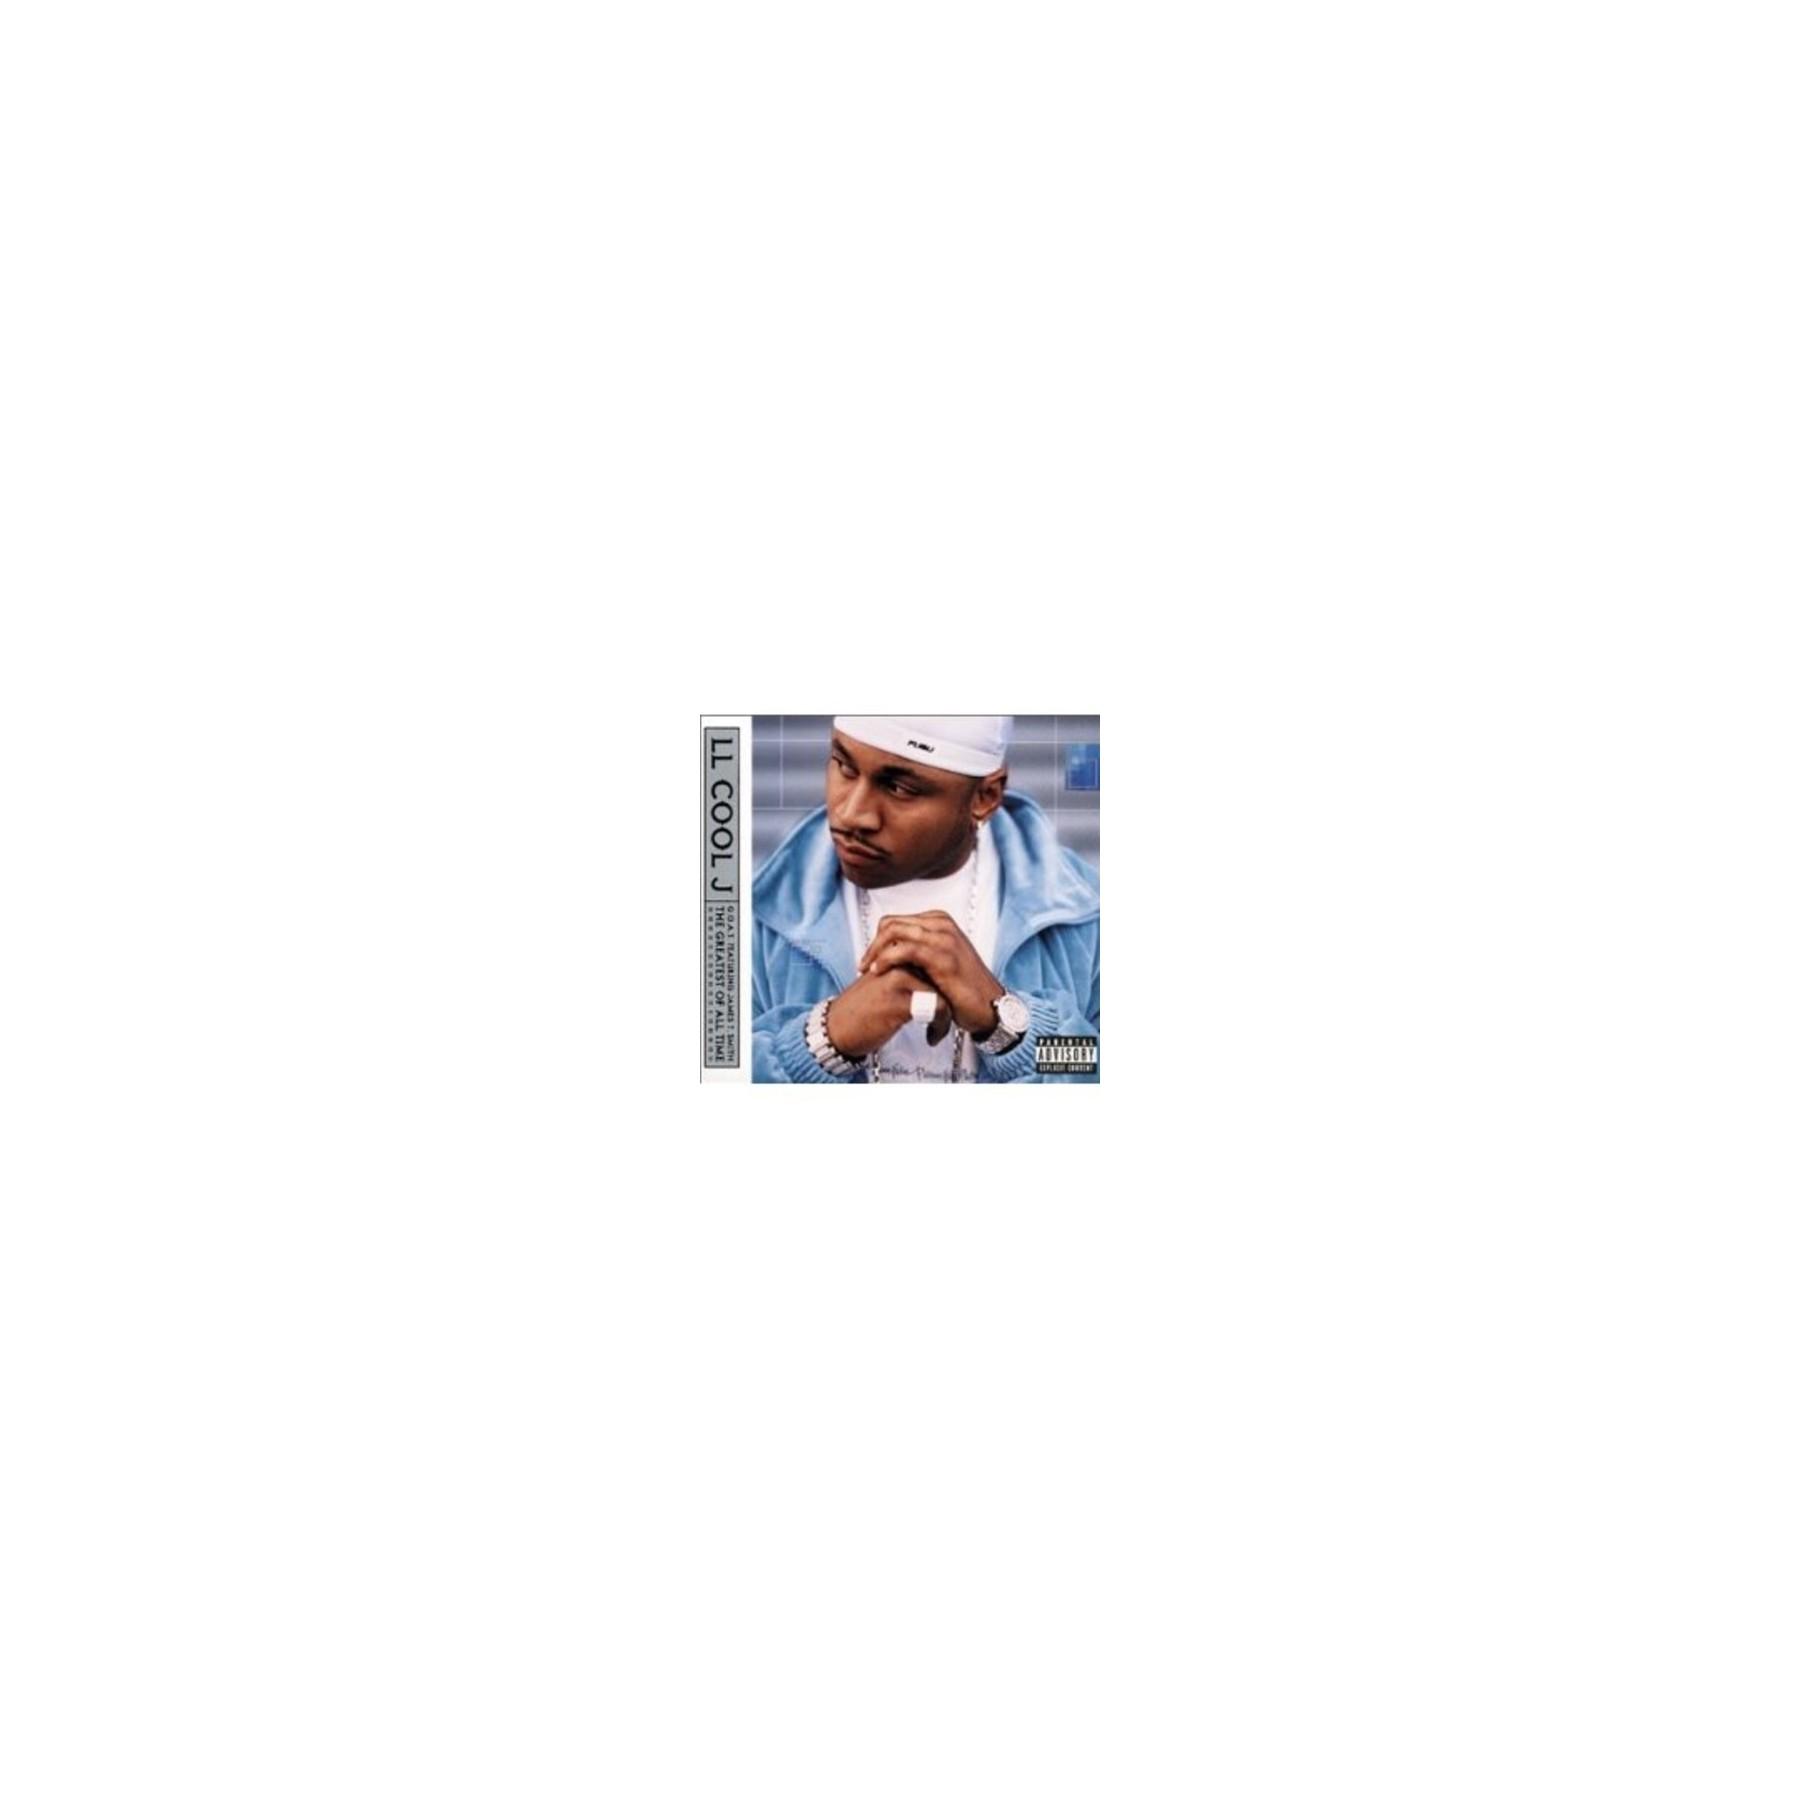 CD LL COOL J - GOAT stg